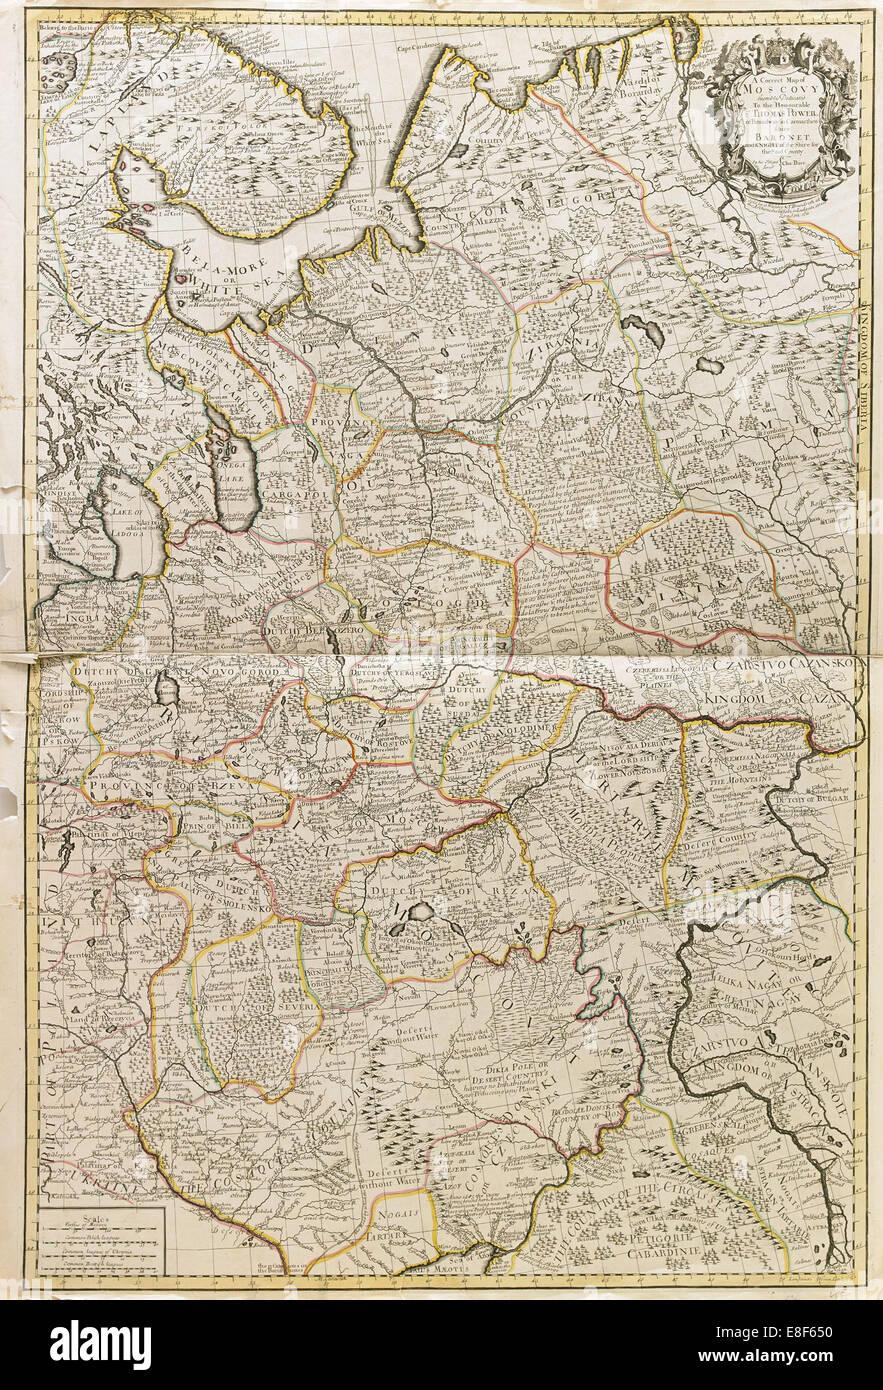 Plan de la Moscovie. Artiste: prix, Charles (actif début 18e cen.) Photo Stock